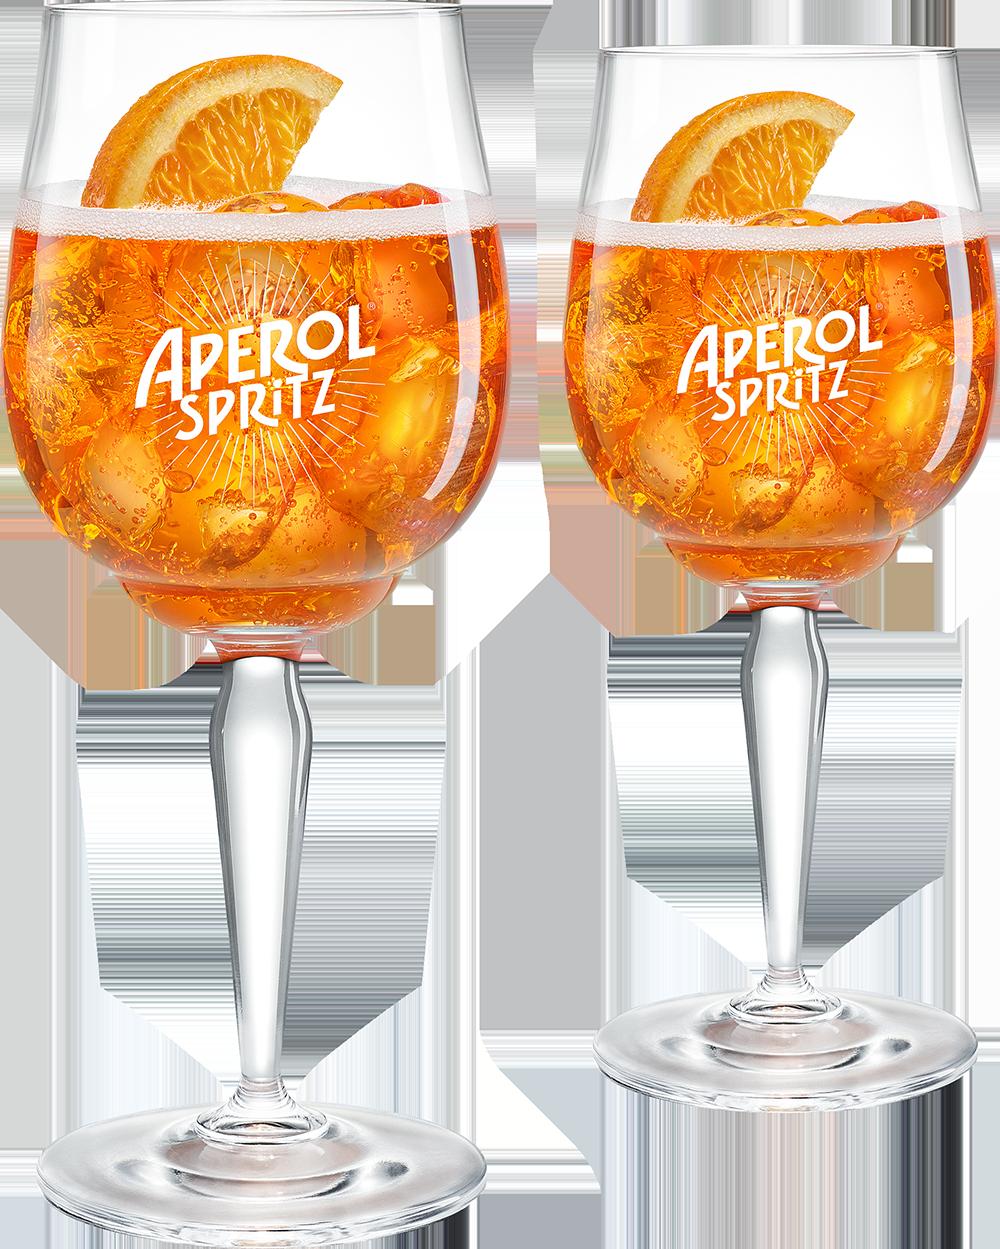 GÖR SÅ HÄR - 1. Fyll ett vinglas med is2. Fyll på med lika delar prosecco och Aperol3. Tillsätt en skvätt sodavatten4. Toppa med en skiva apelsinNjut!